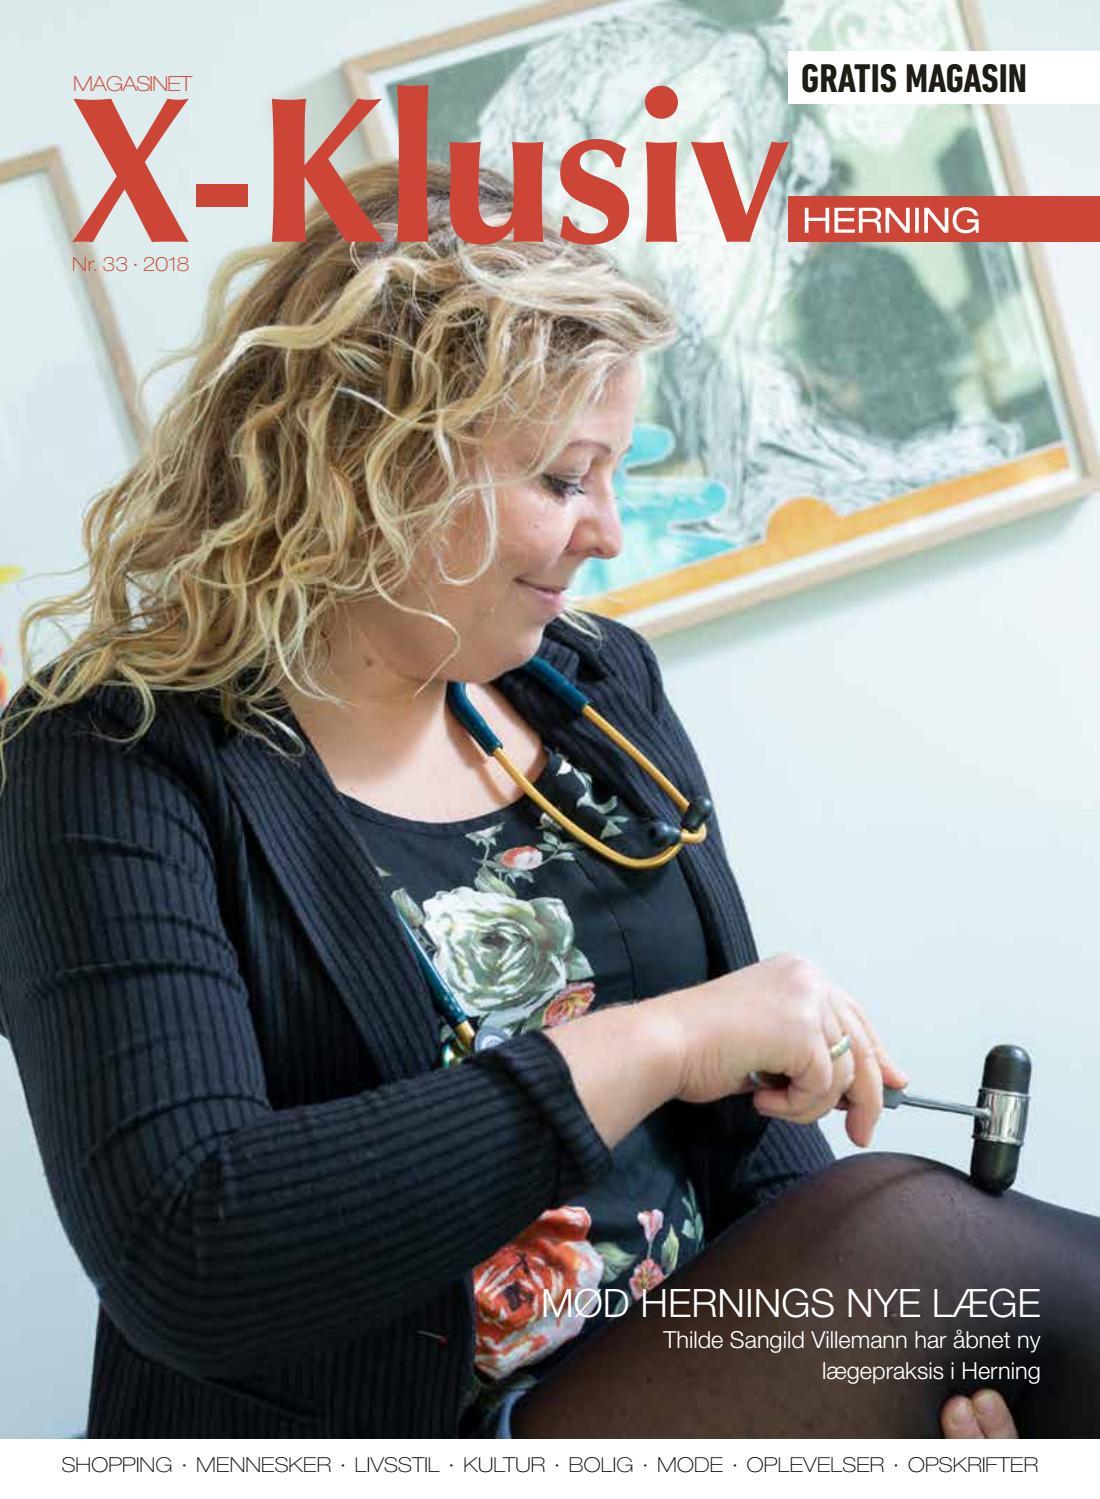 5bab2089465 X-Klusiv Herning - #33 2018 by TINX/DK A/S - issuu